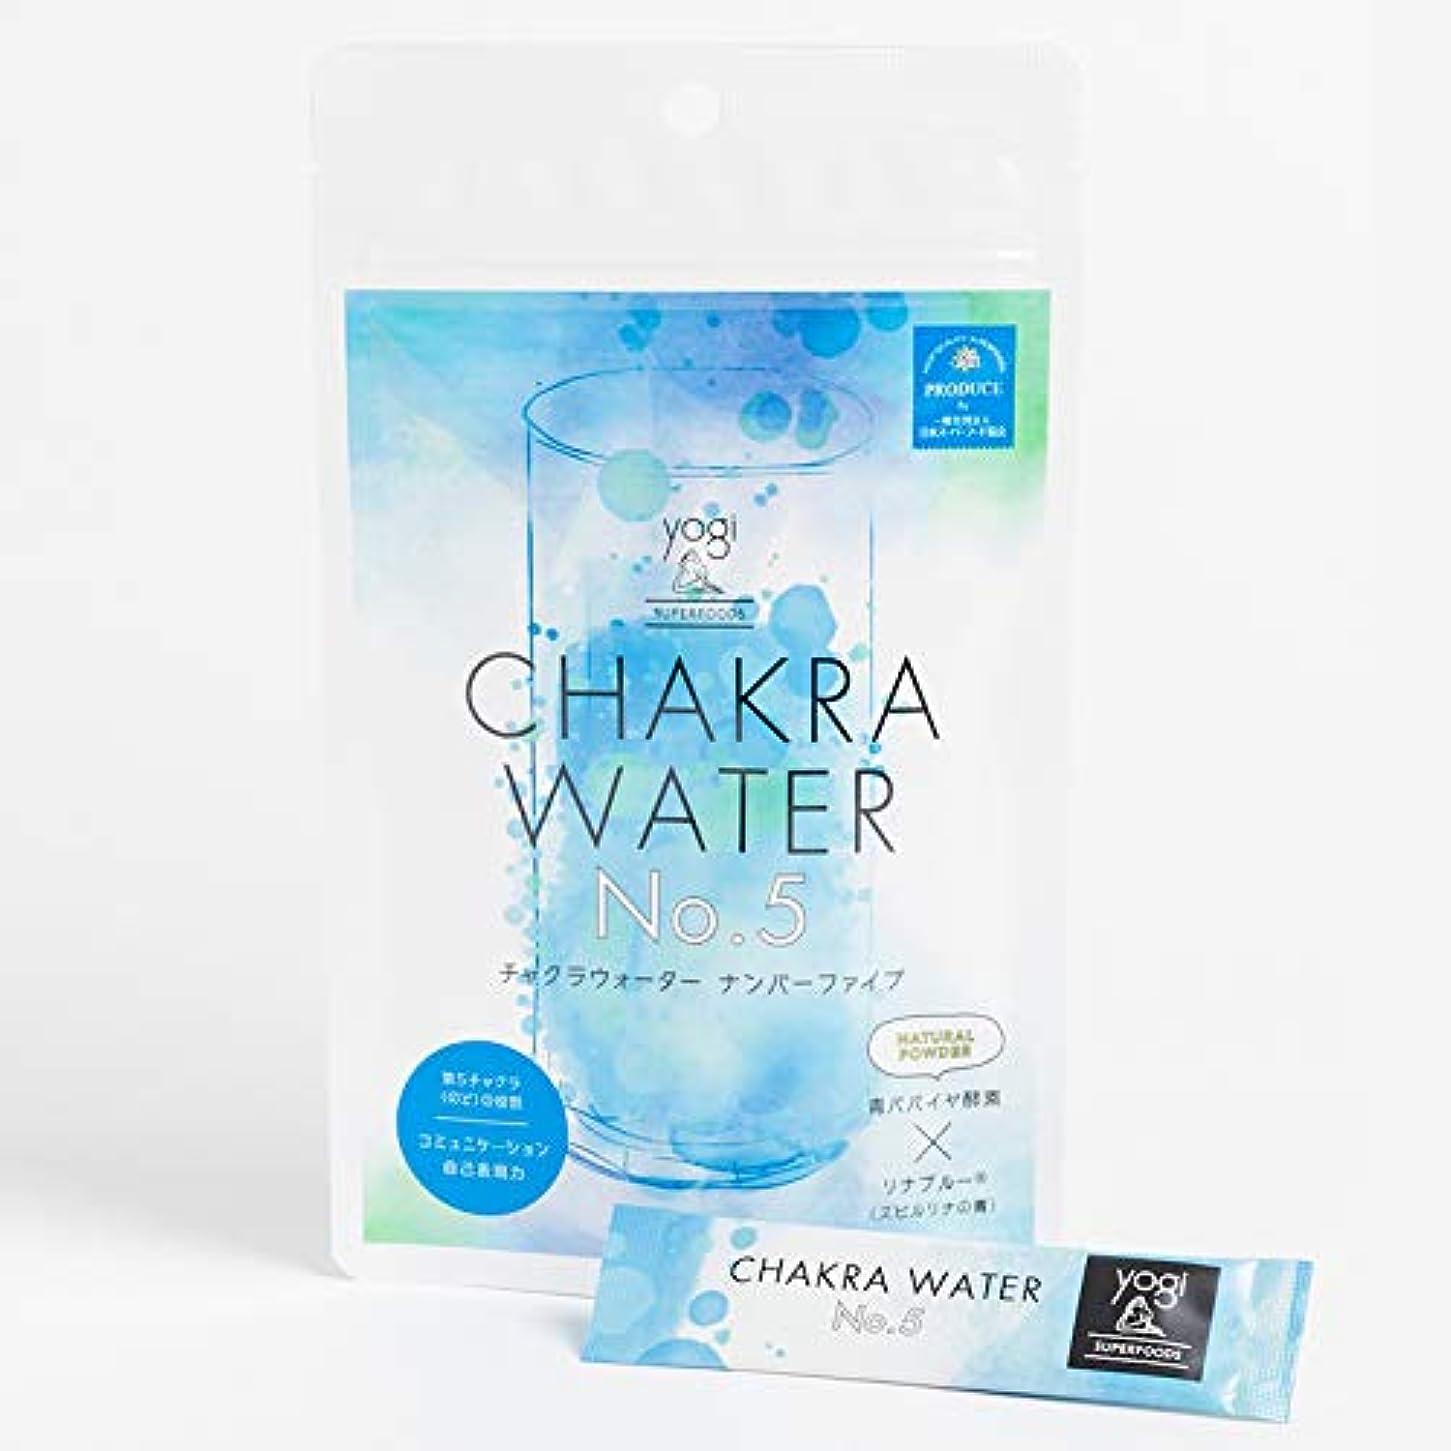 マナーシステムなすチャクラウォーター No.5 ヨガワークス 7袋入り 青パパイヤ酵素ドリンクパウダー yogaworks